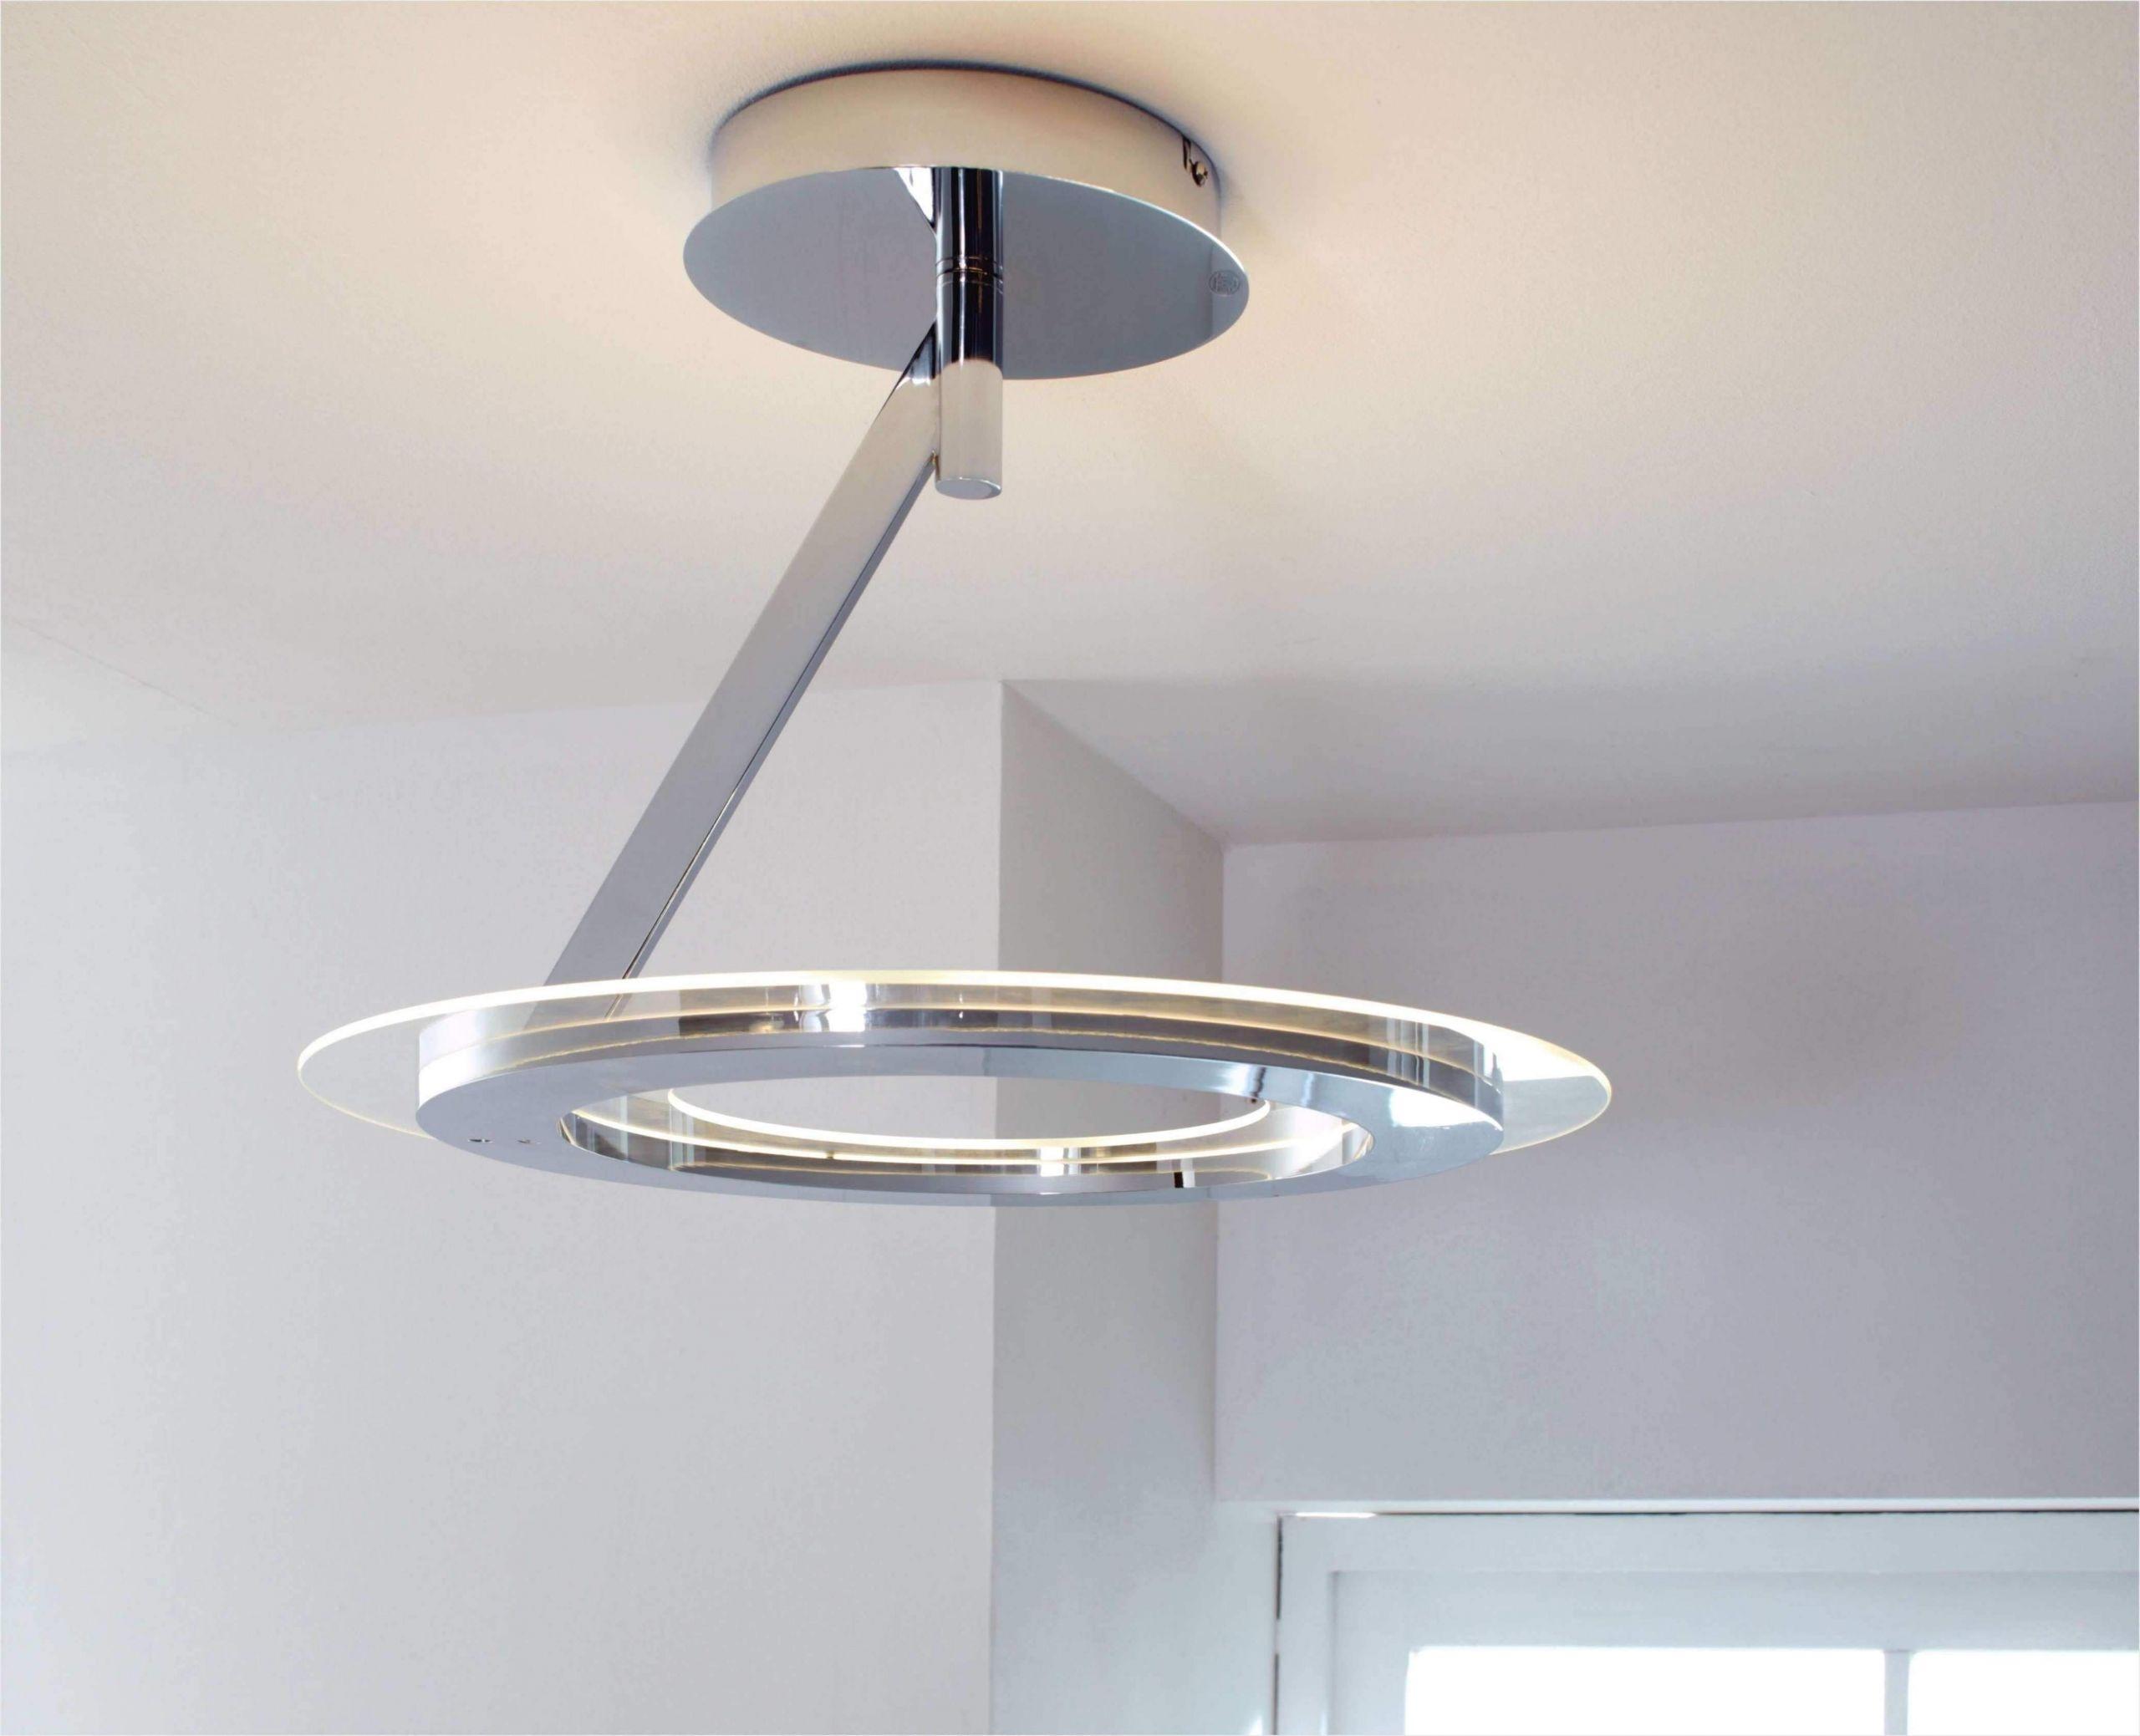 Full Size of Deckenlampe Wohnzimmer Modern Deckenlampen 35 Luxus Deckenleuchte Reizend Frisch Wandbild Liege Landhausstil Stehlampe Für Indirekte Beleuchtung Schlafzimmer Wohnzimmer Deckenlampe Wohnzimmer Modern